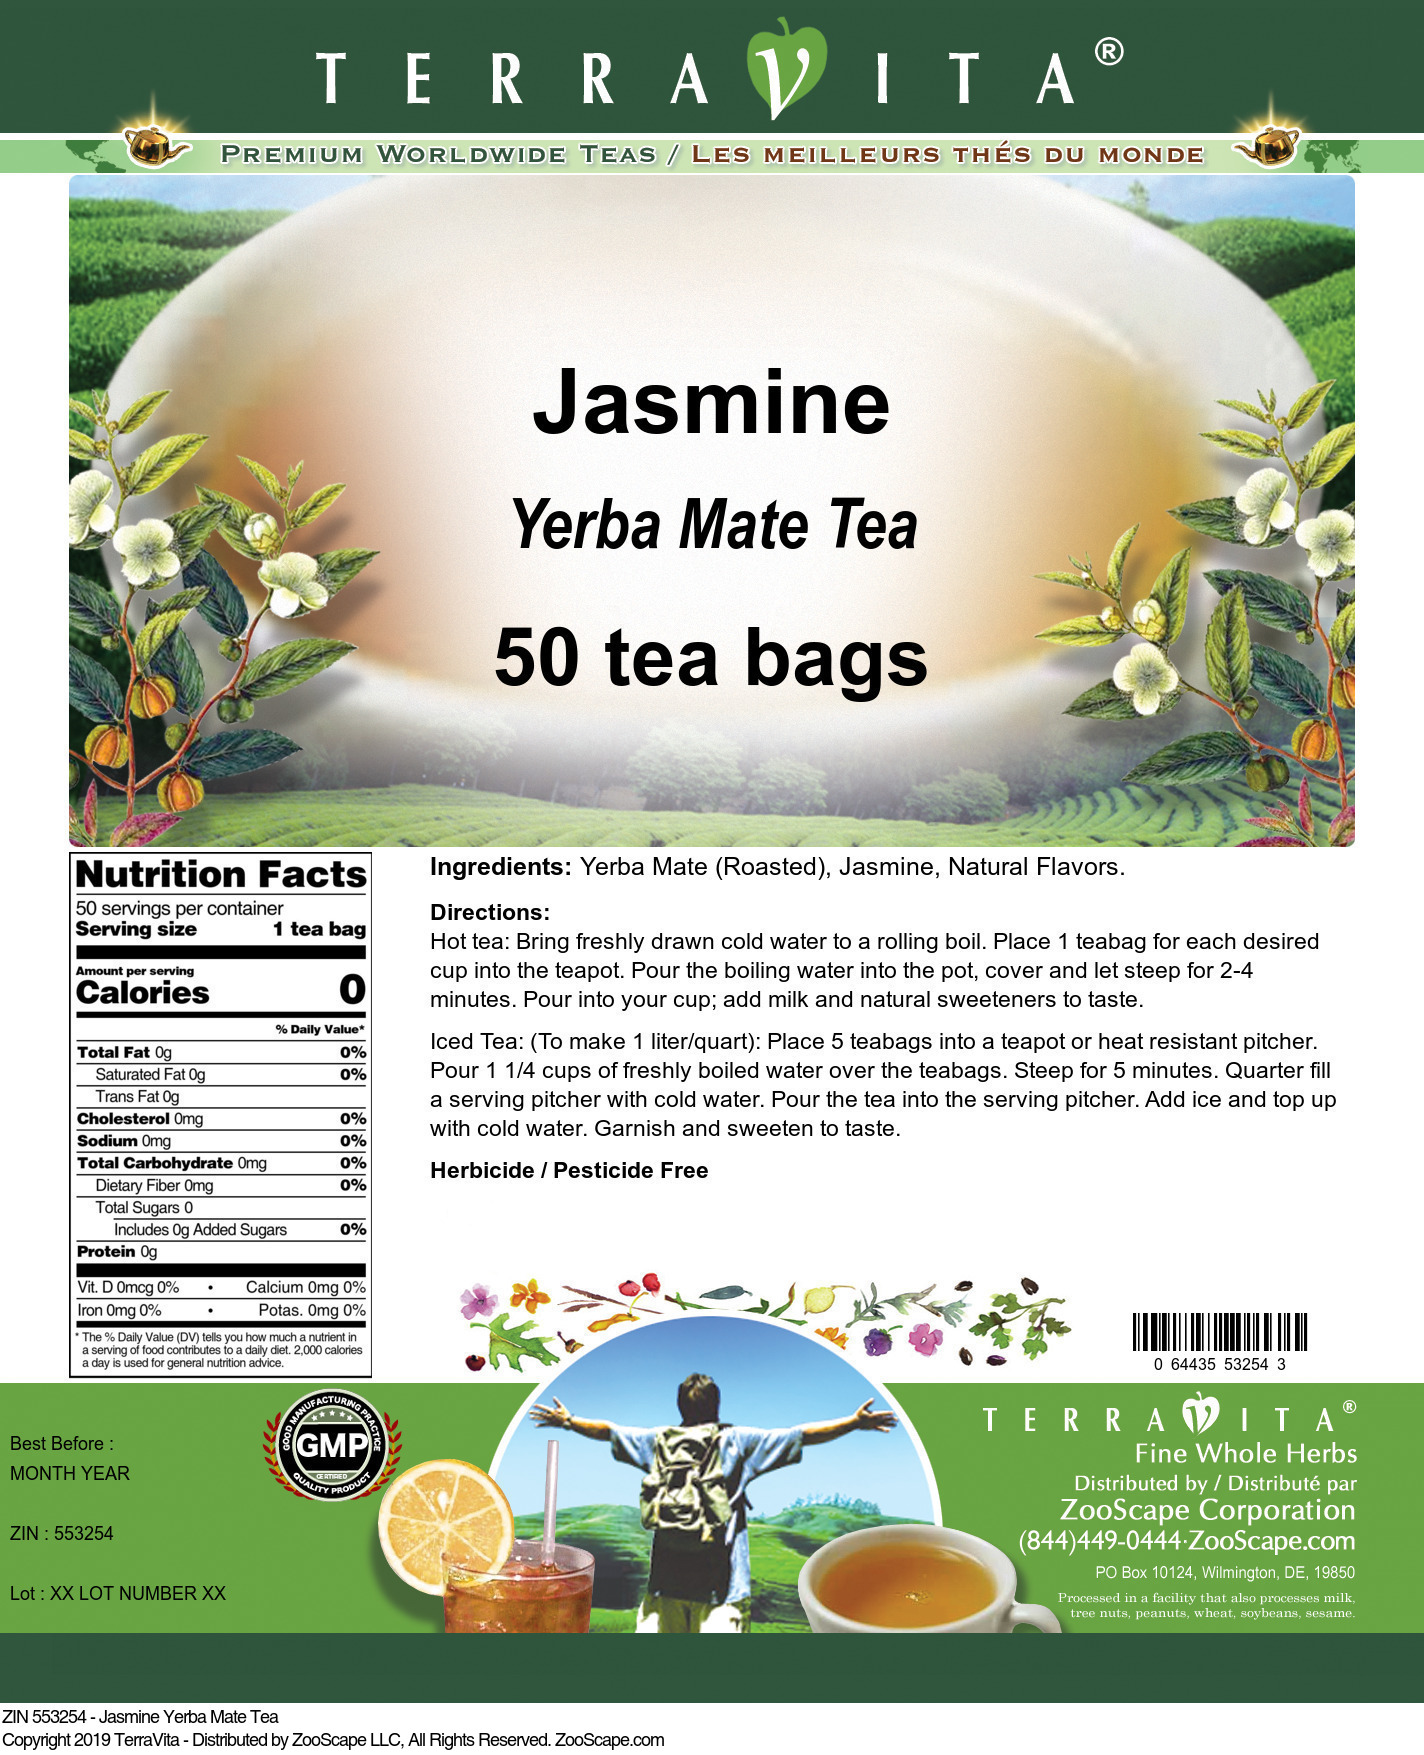 Jasmine Yerba Mate